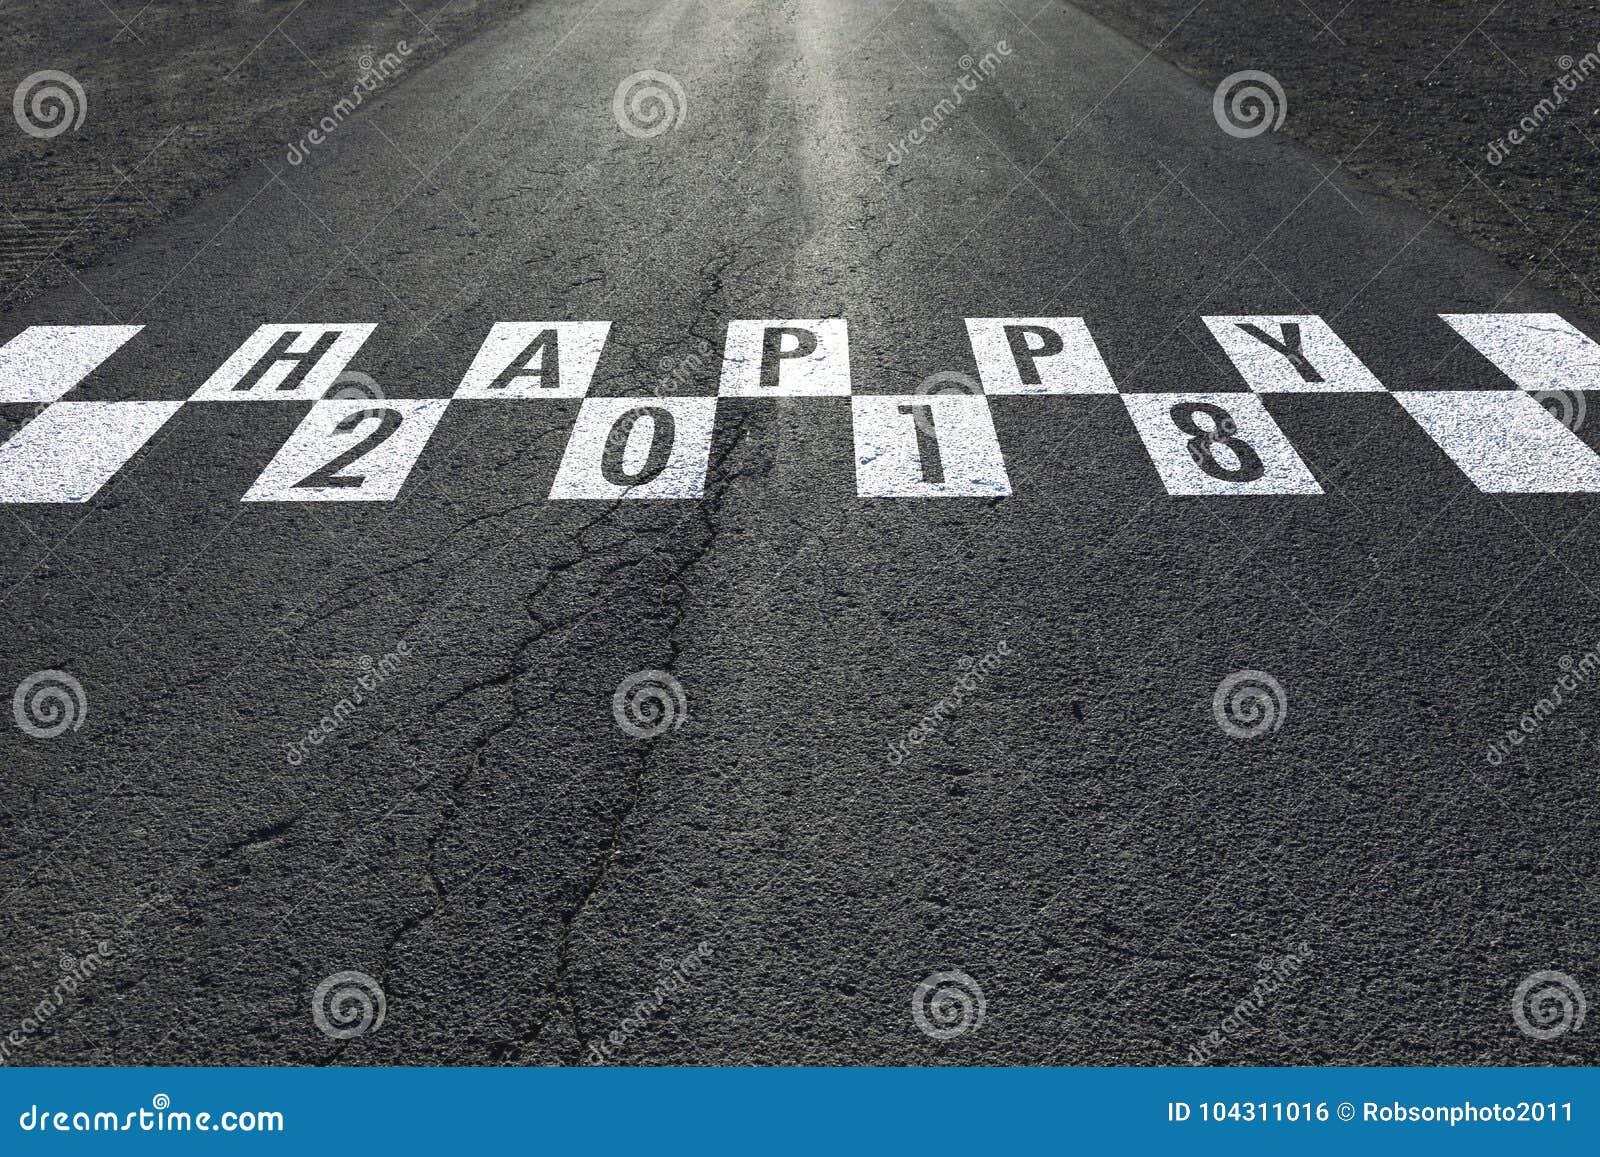 Bonne année conceptuelle sur la route